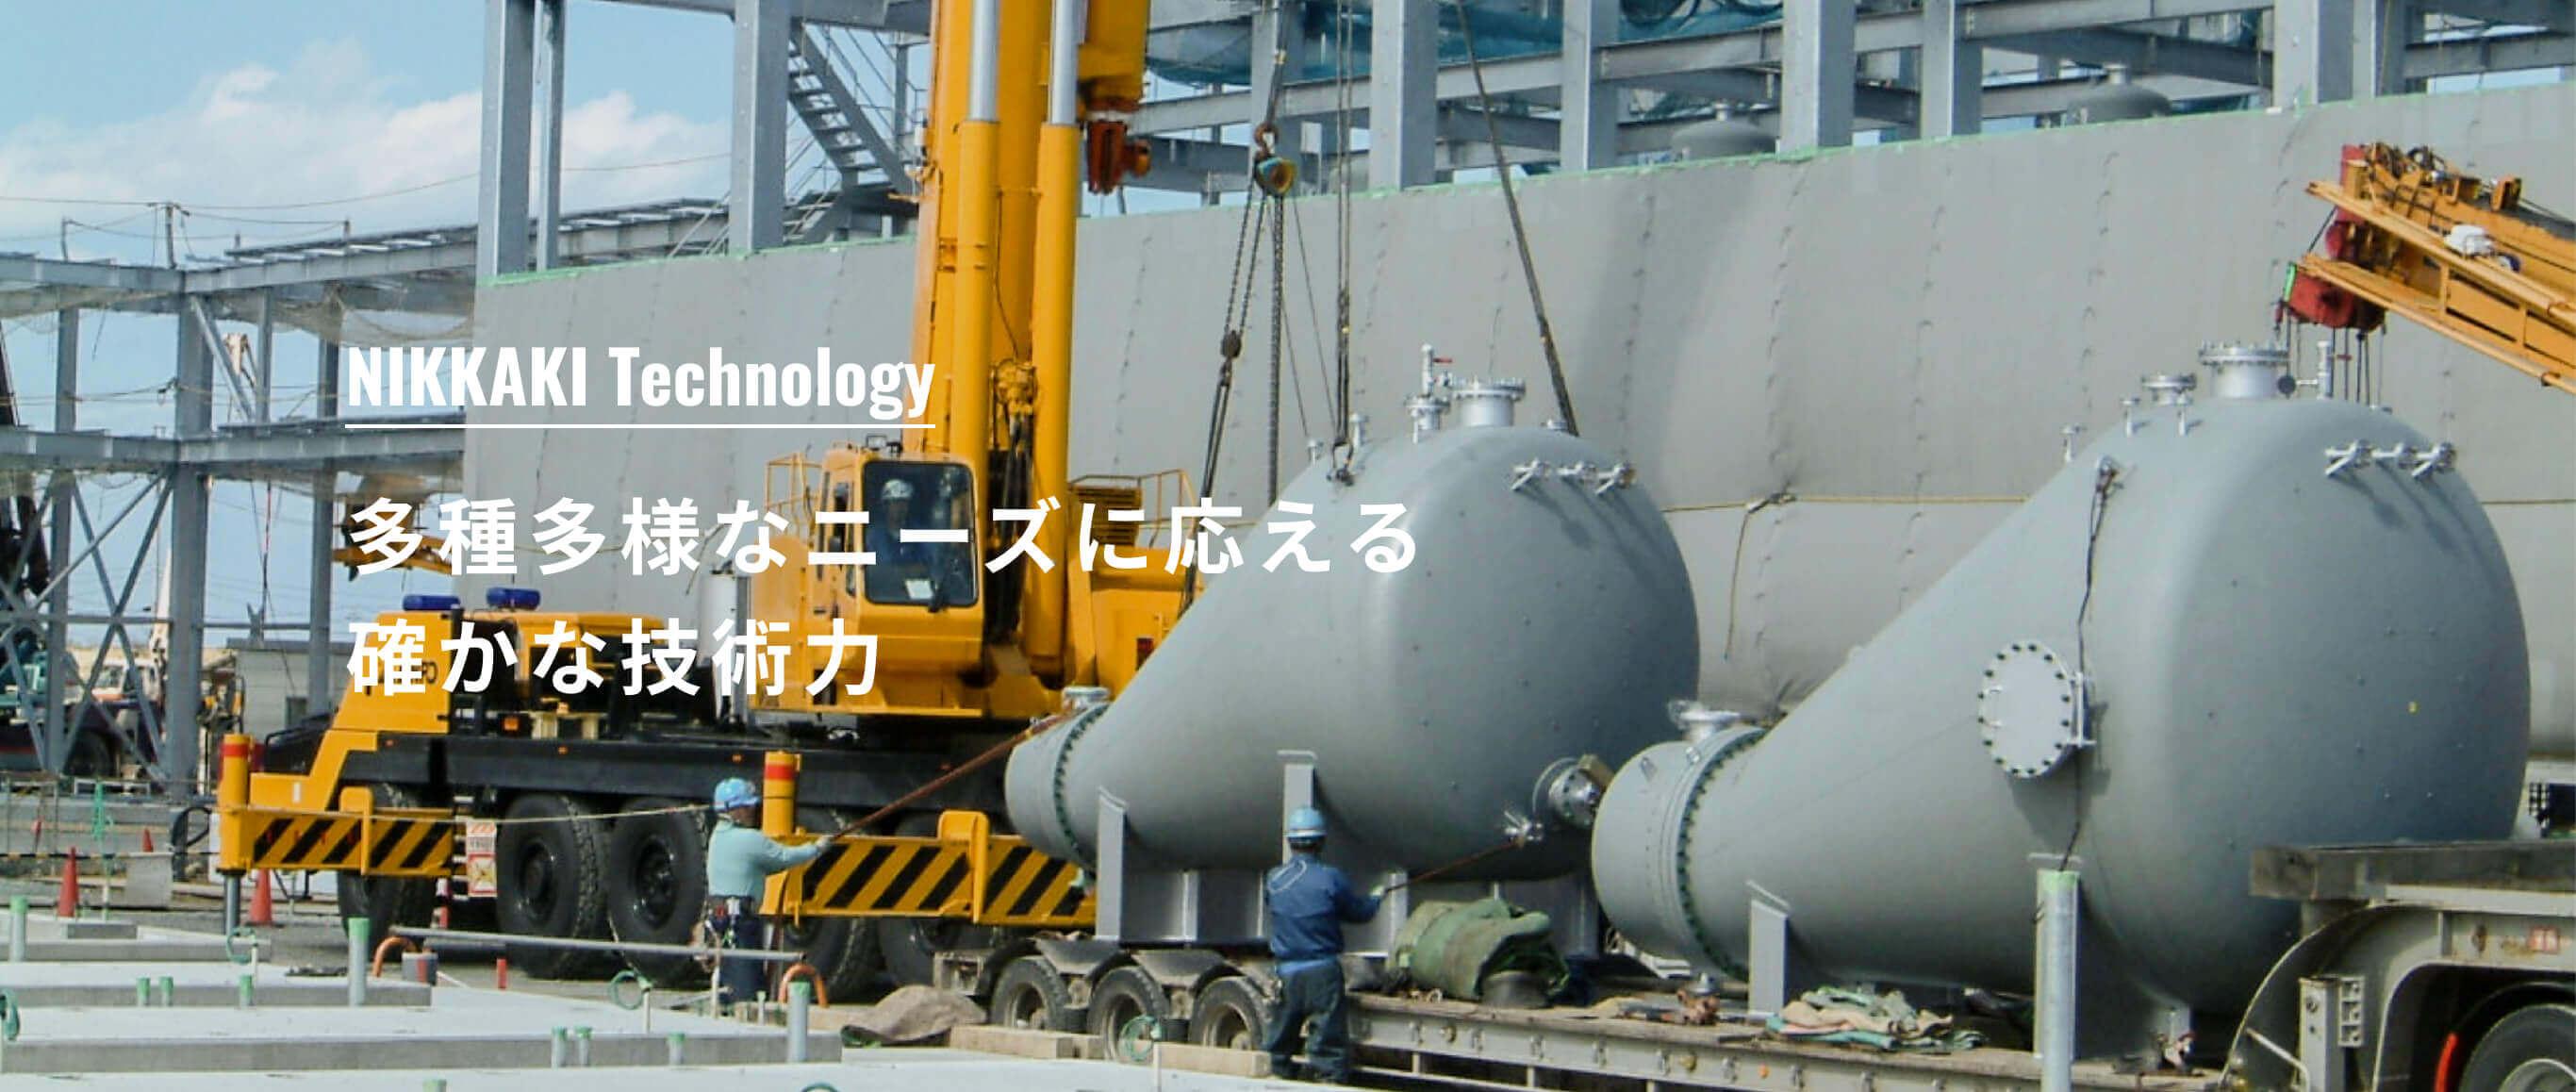 NIKKAKI Technology 多種多様なニーズに応える確かな技術力